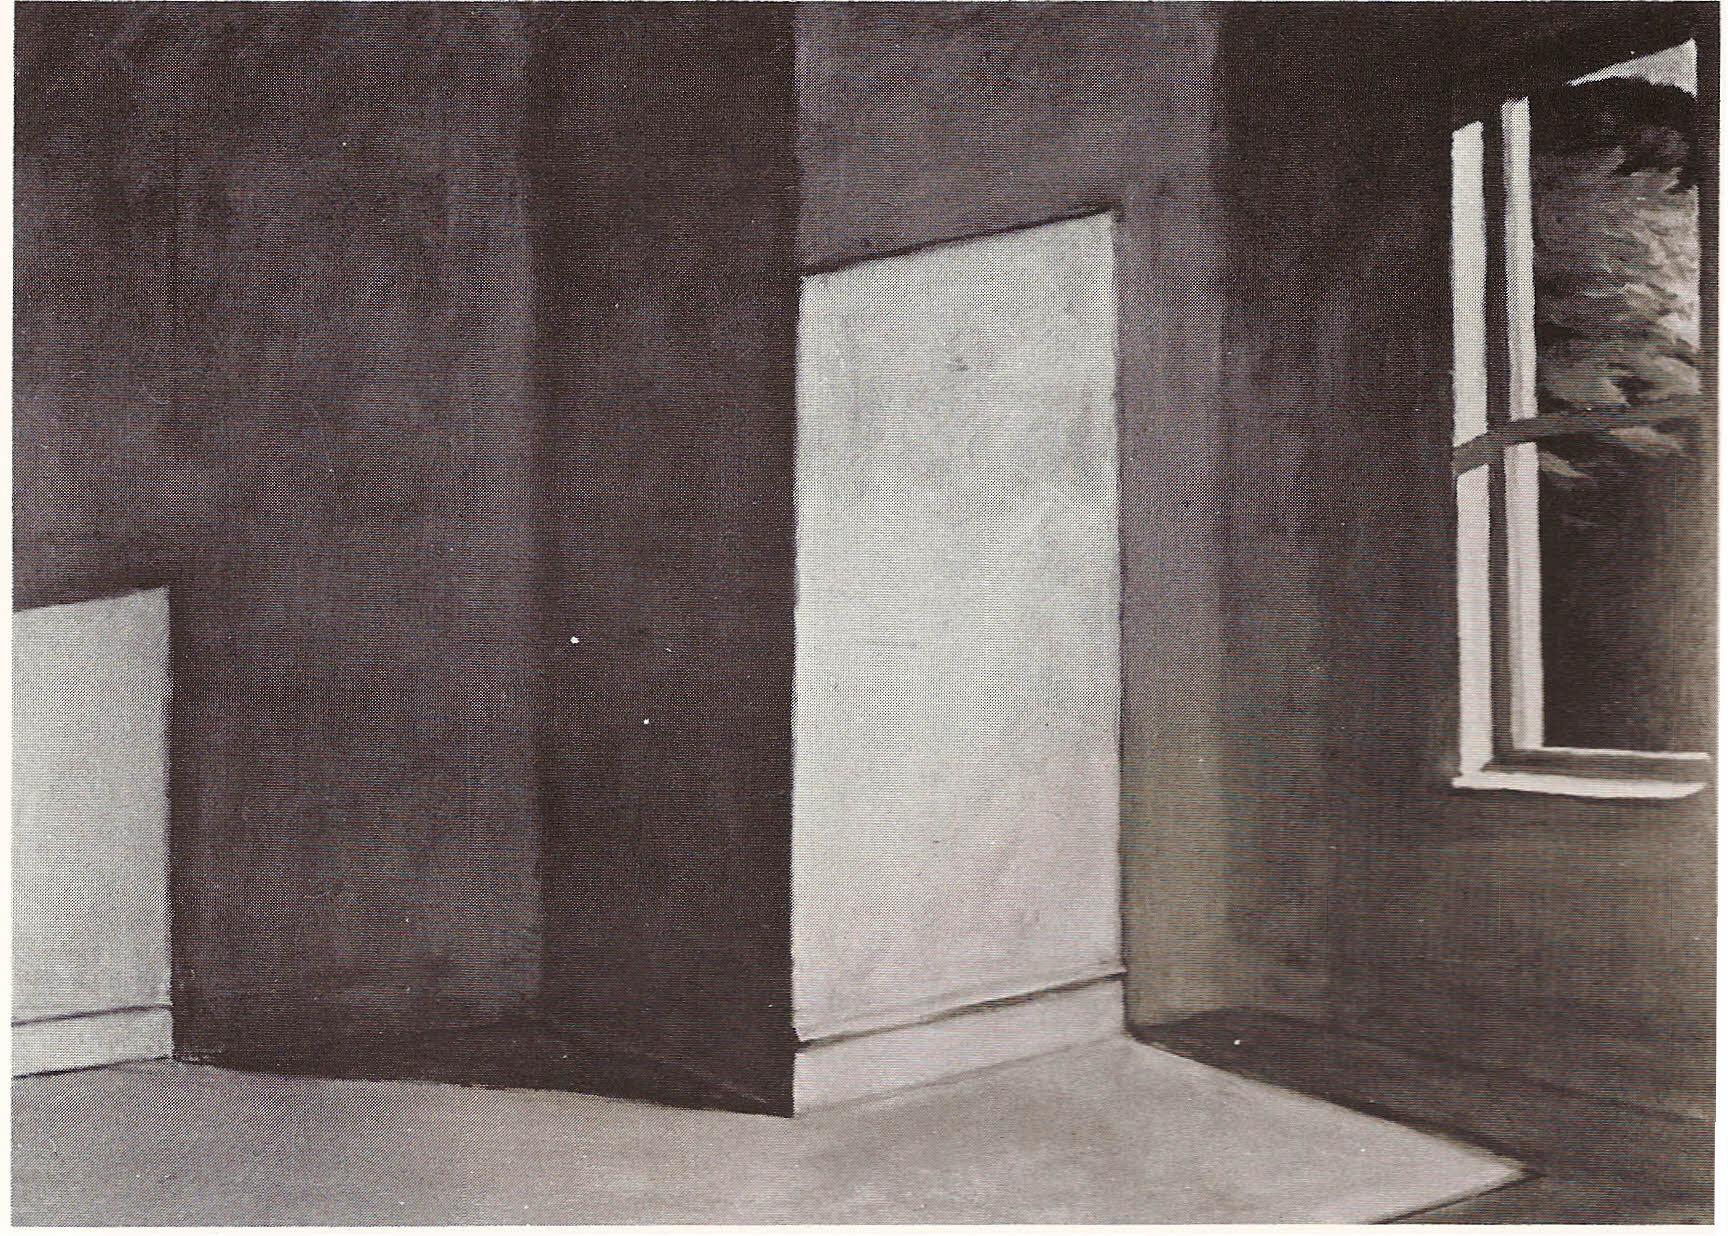 Edward hopper aantekeningen bij zijn schilderijen j bernlef tijdschrift raster - Schilderij kamer jongen jaar ...